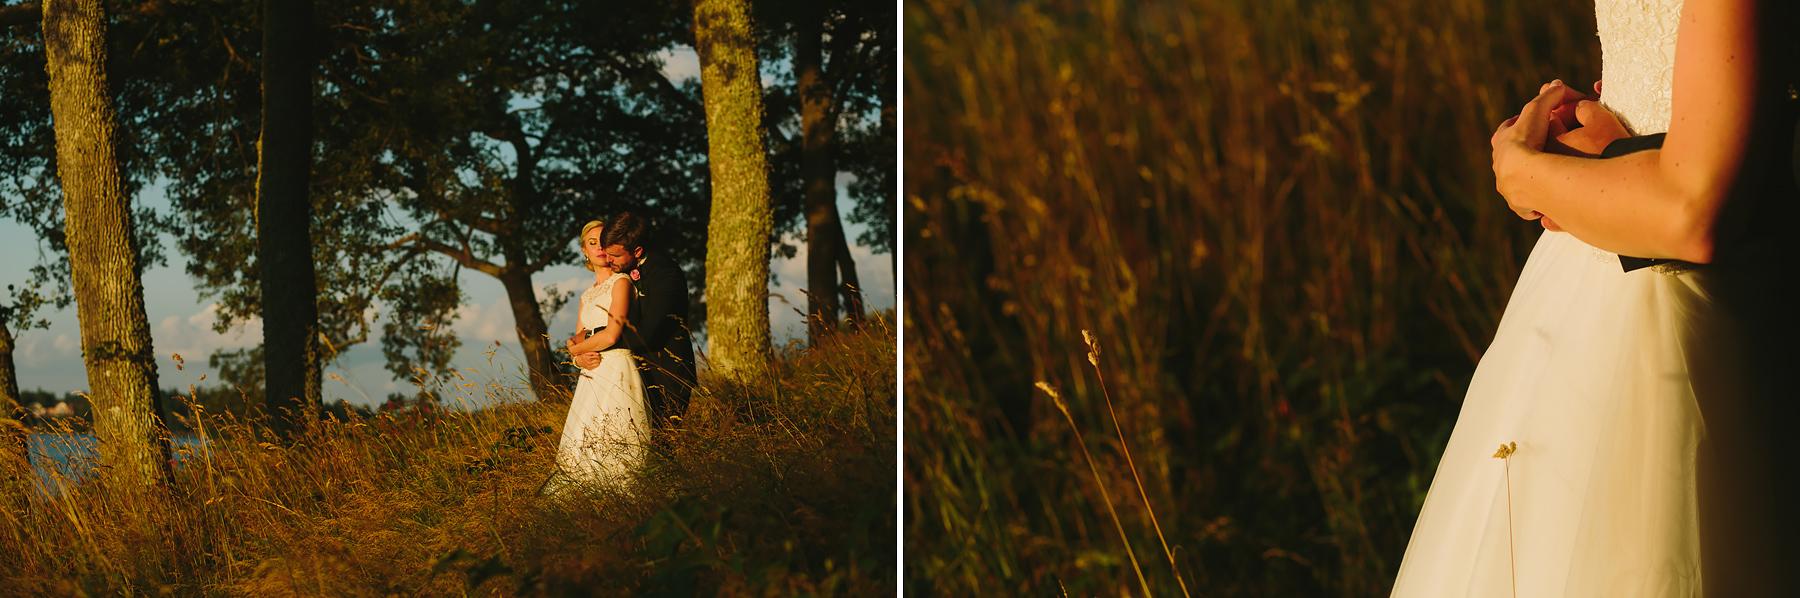 Bröllopsfotograf Skytteholm Ekerö